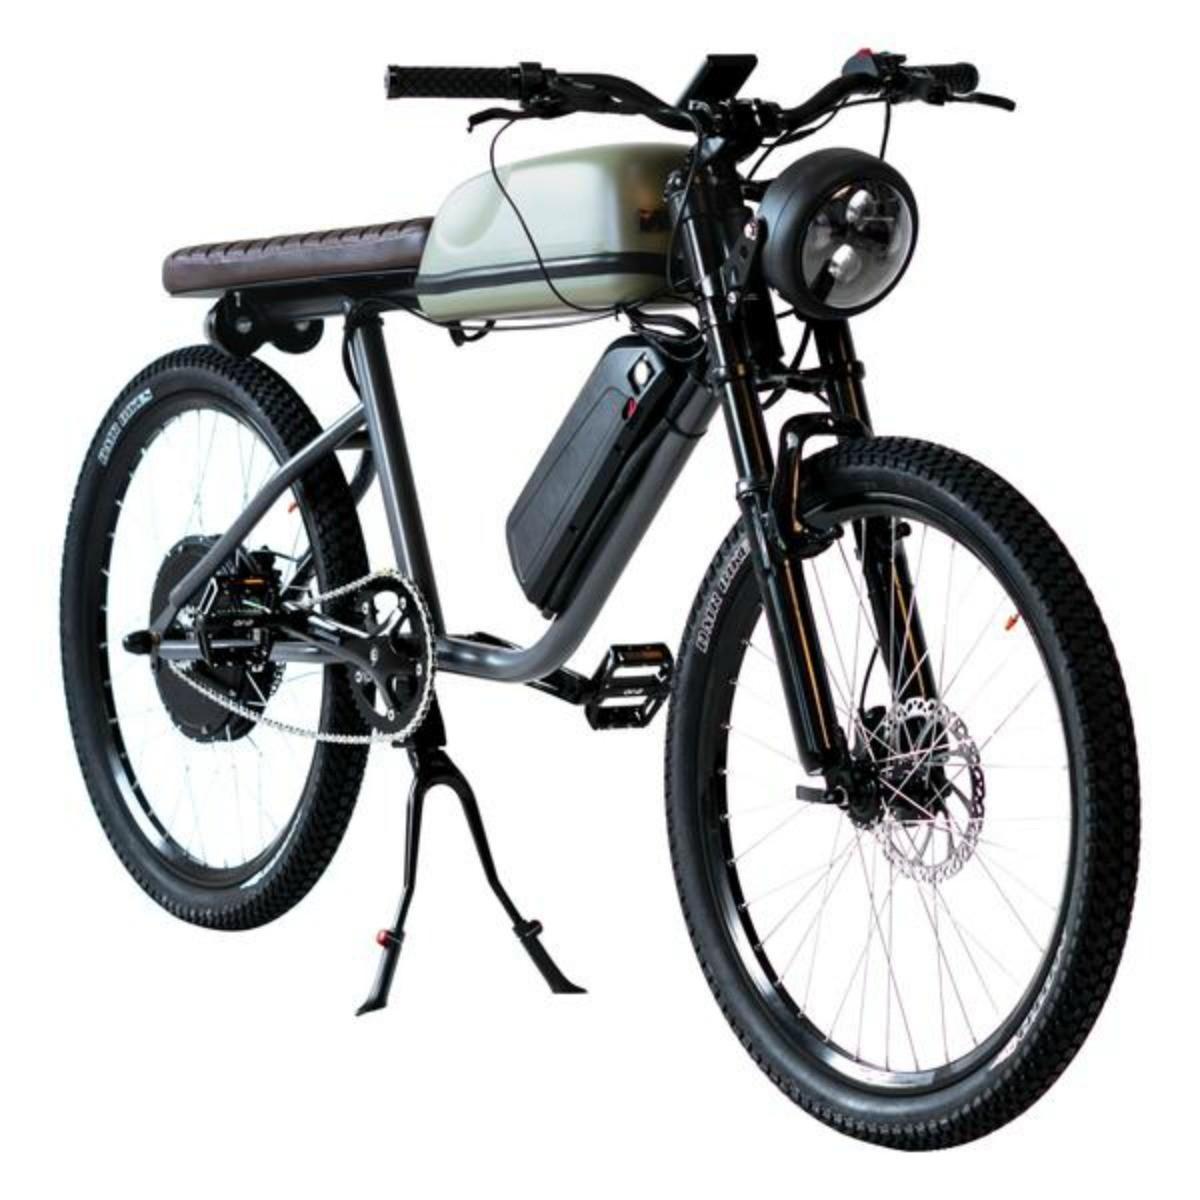 Titan R : un vélo électrique puissant et agile aux airs de Cafe Racer squelettique